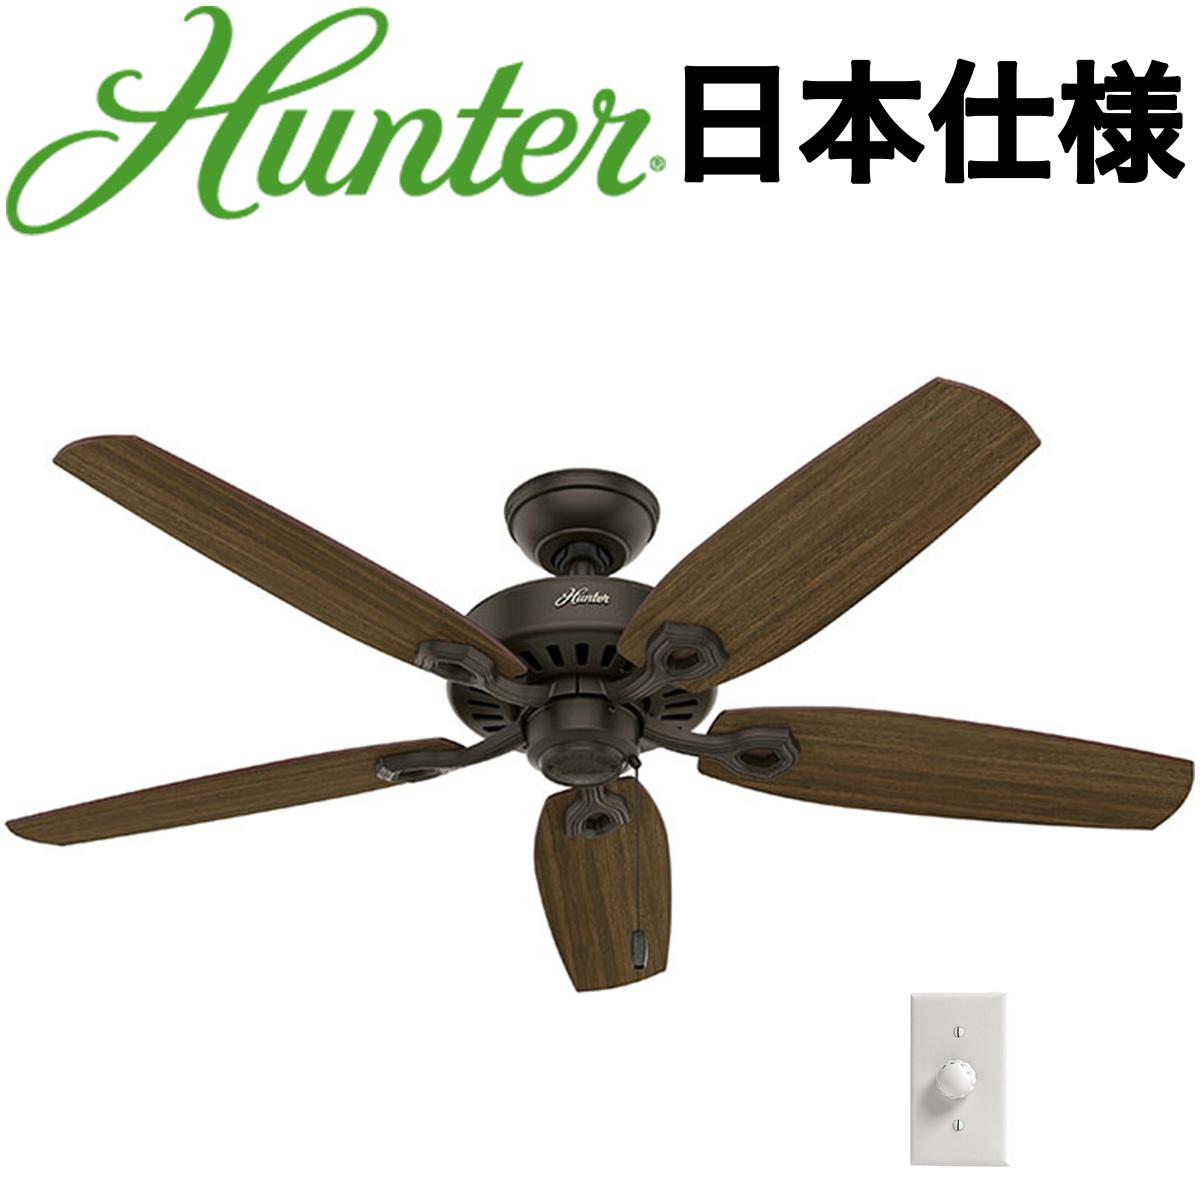 Hunter ハンター シーリングファン ビルダーエリート ニューブロンズ 53242 傾斜天井 吹き抜け おしゃれ かっこいい 送料無料